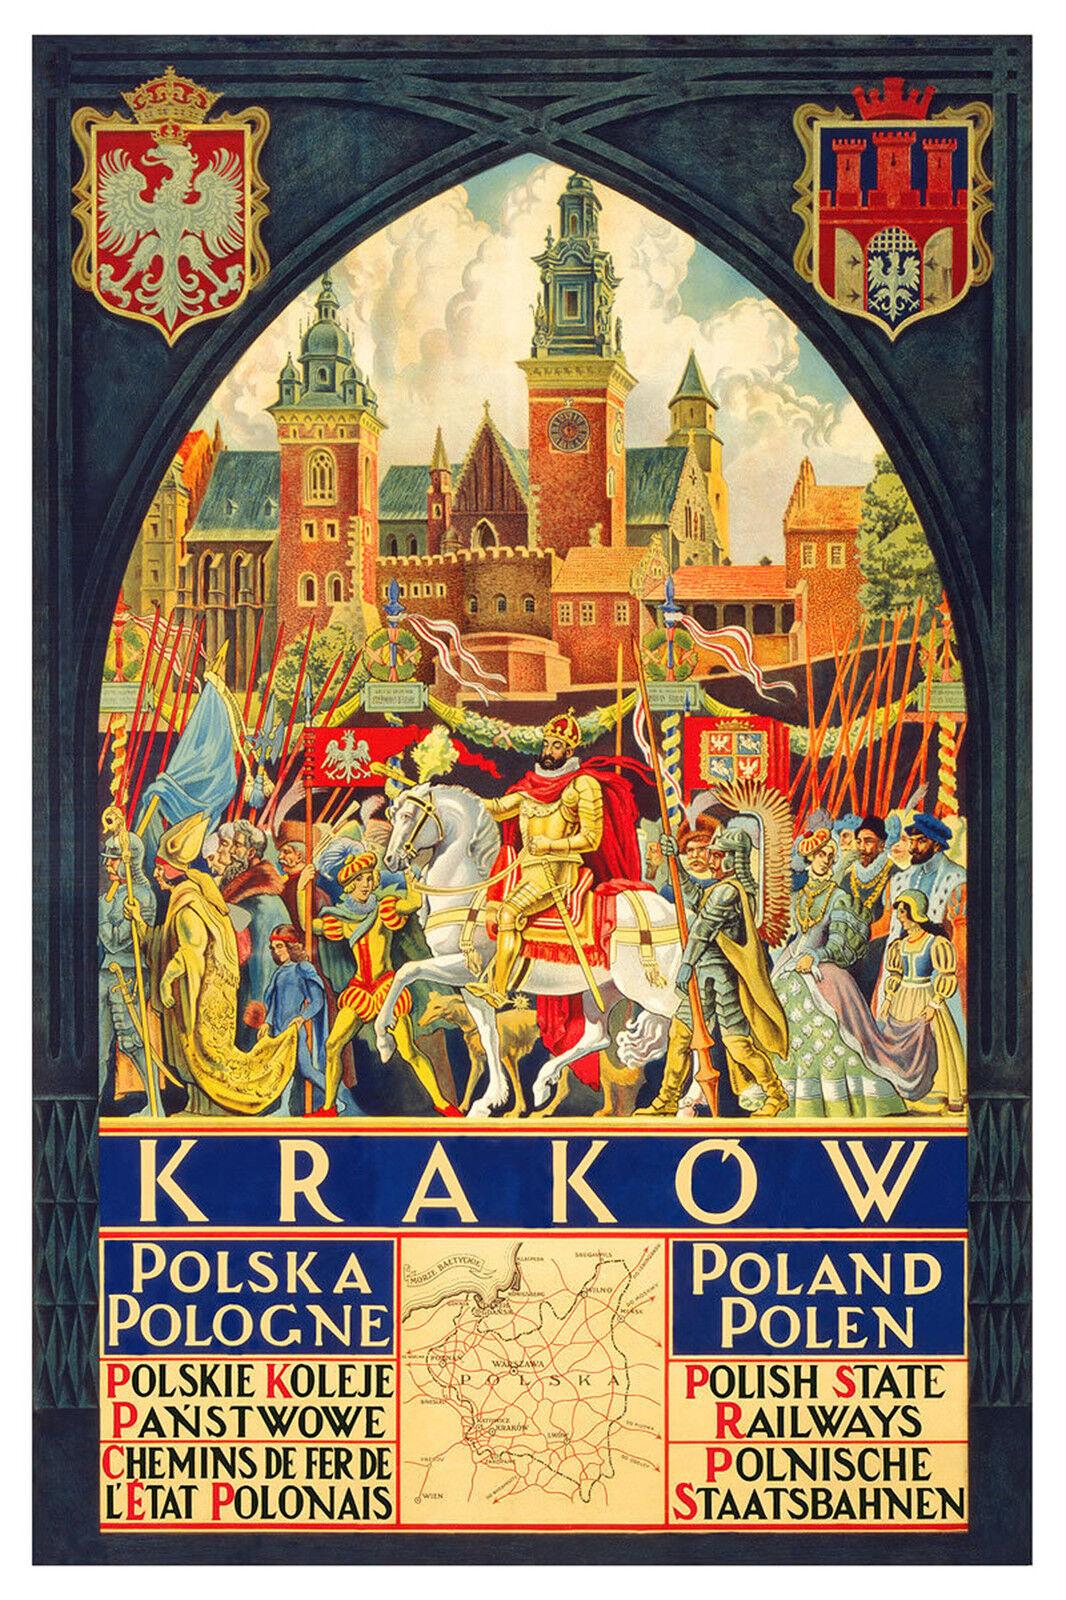 Vintage Travel Art -Poland - 24  x36  Art on Canvas